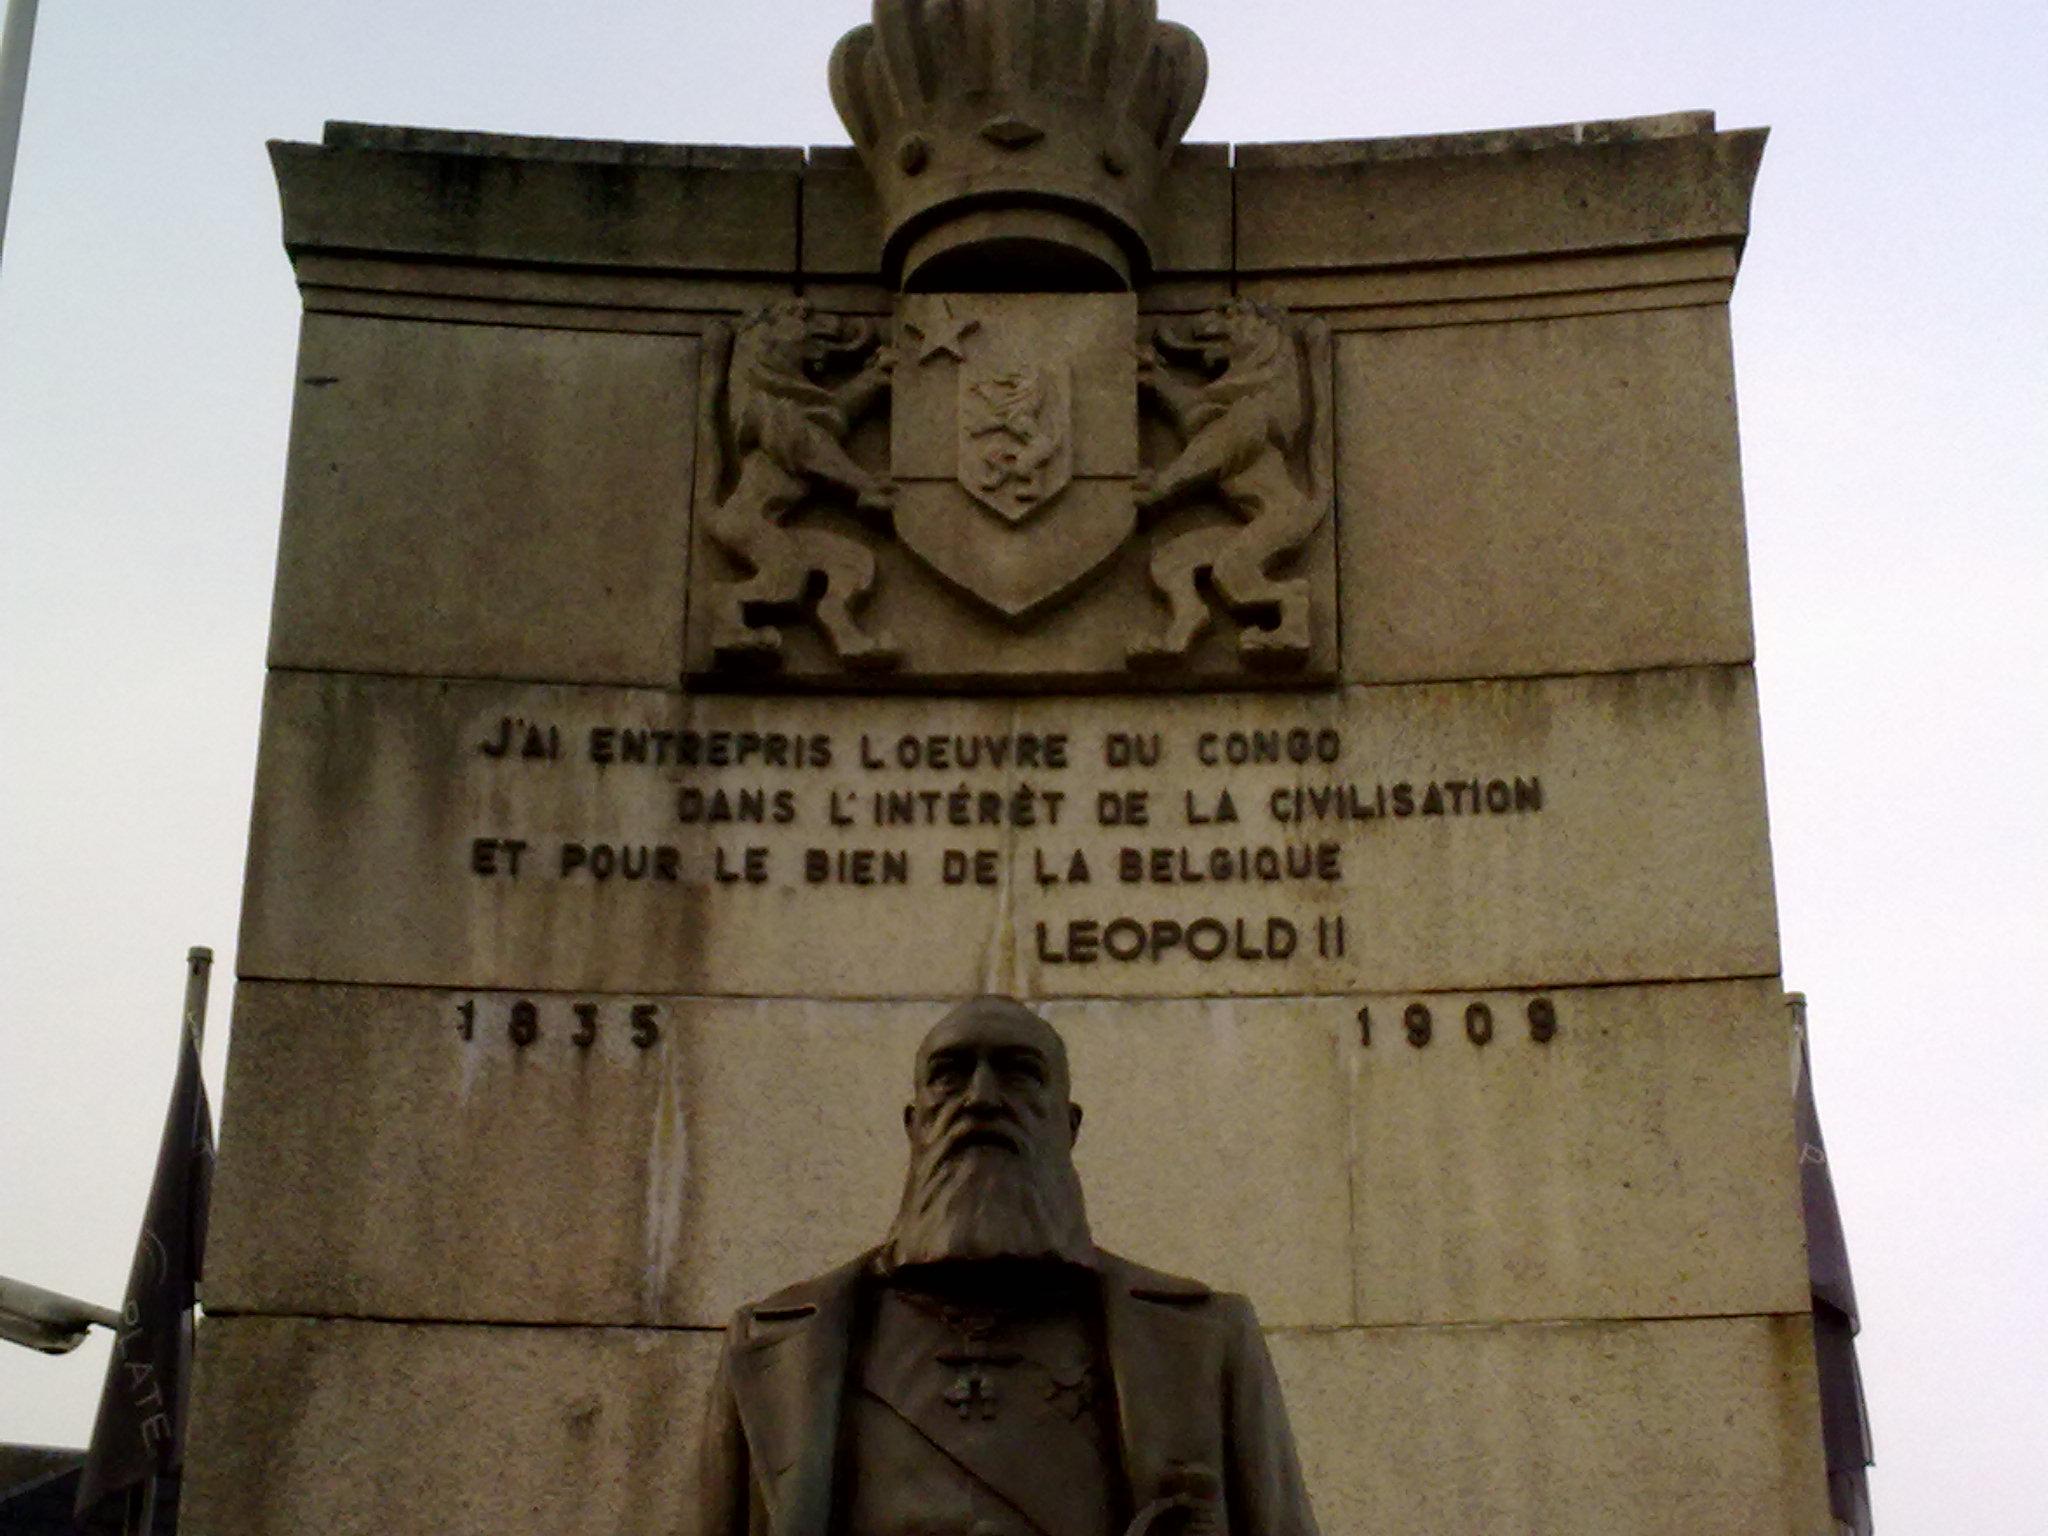 تمثال لملك بلجيكا ليوبولد الثاني